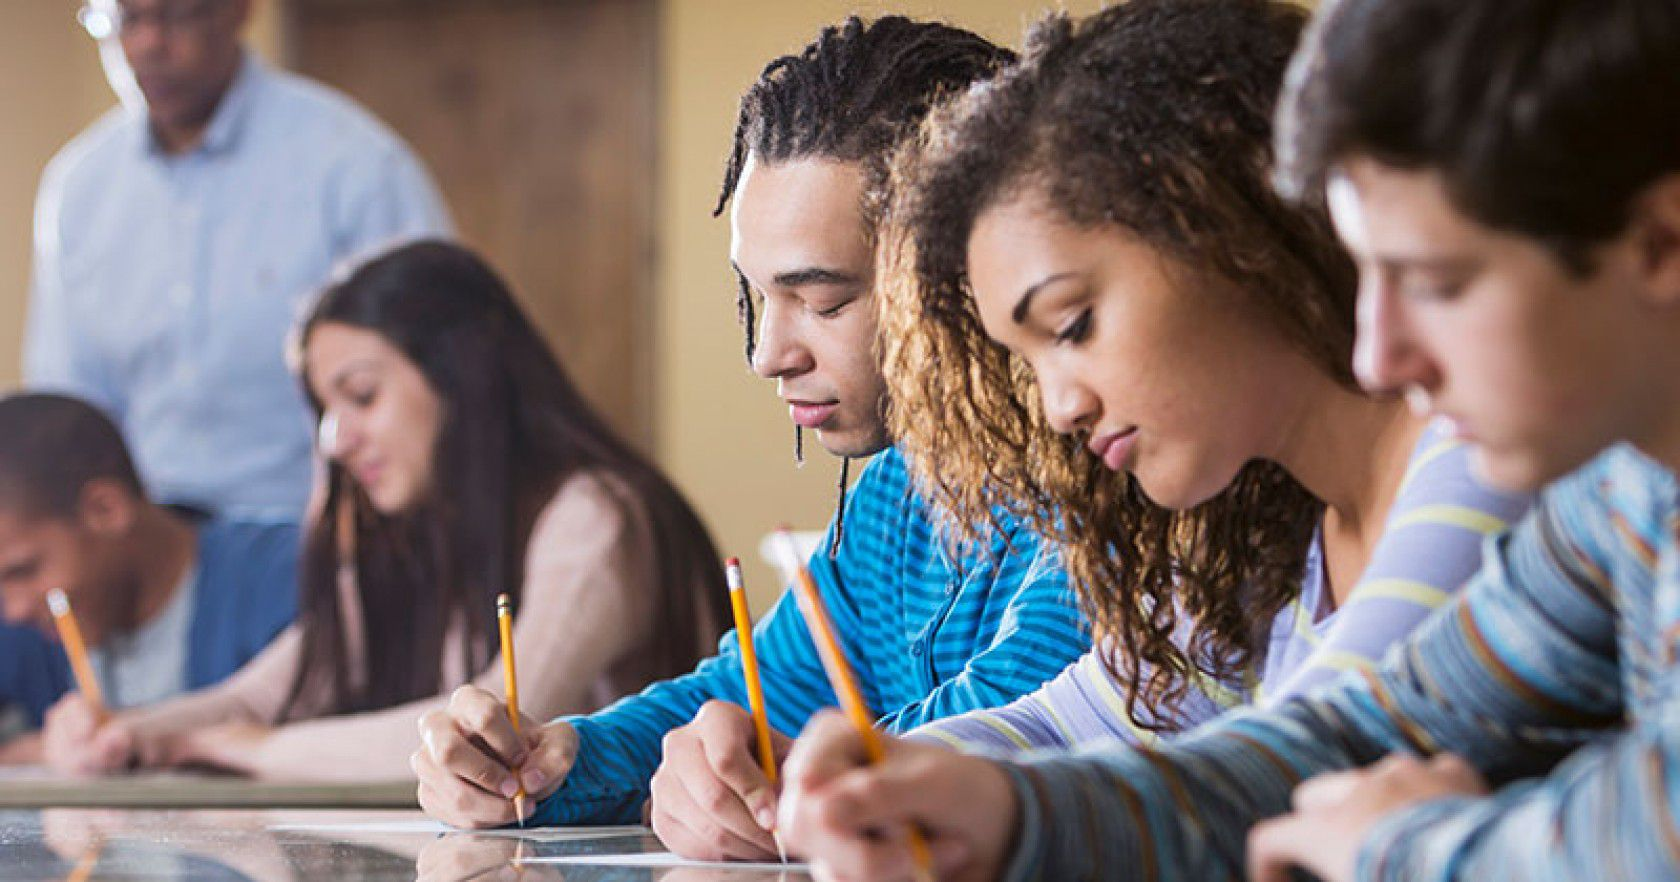 Kanada Quebec'de Özel Yatılı Lise Eğitimi Ve Kampüs Hayatı Nasıldır?